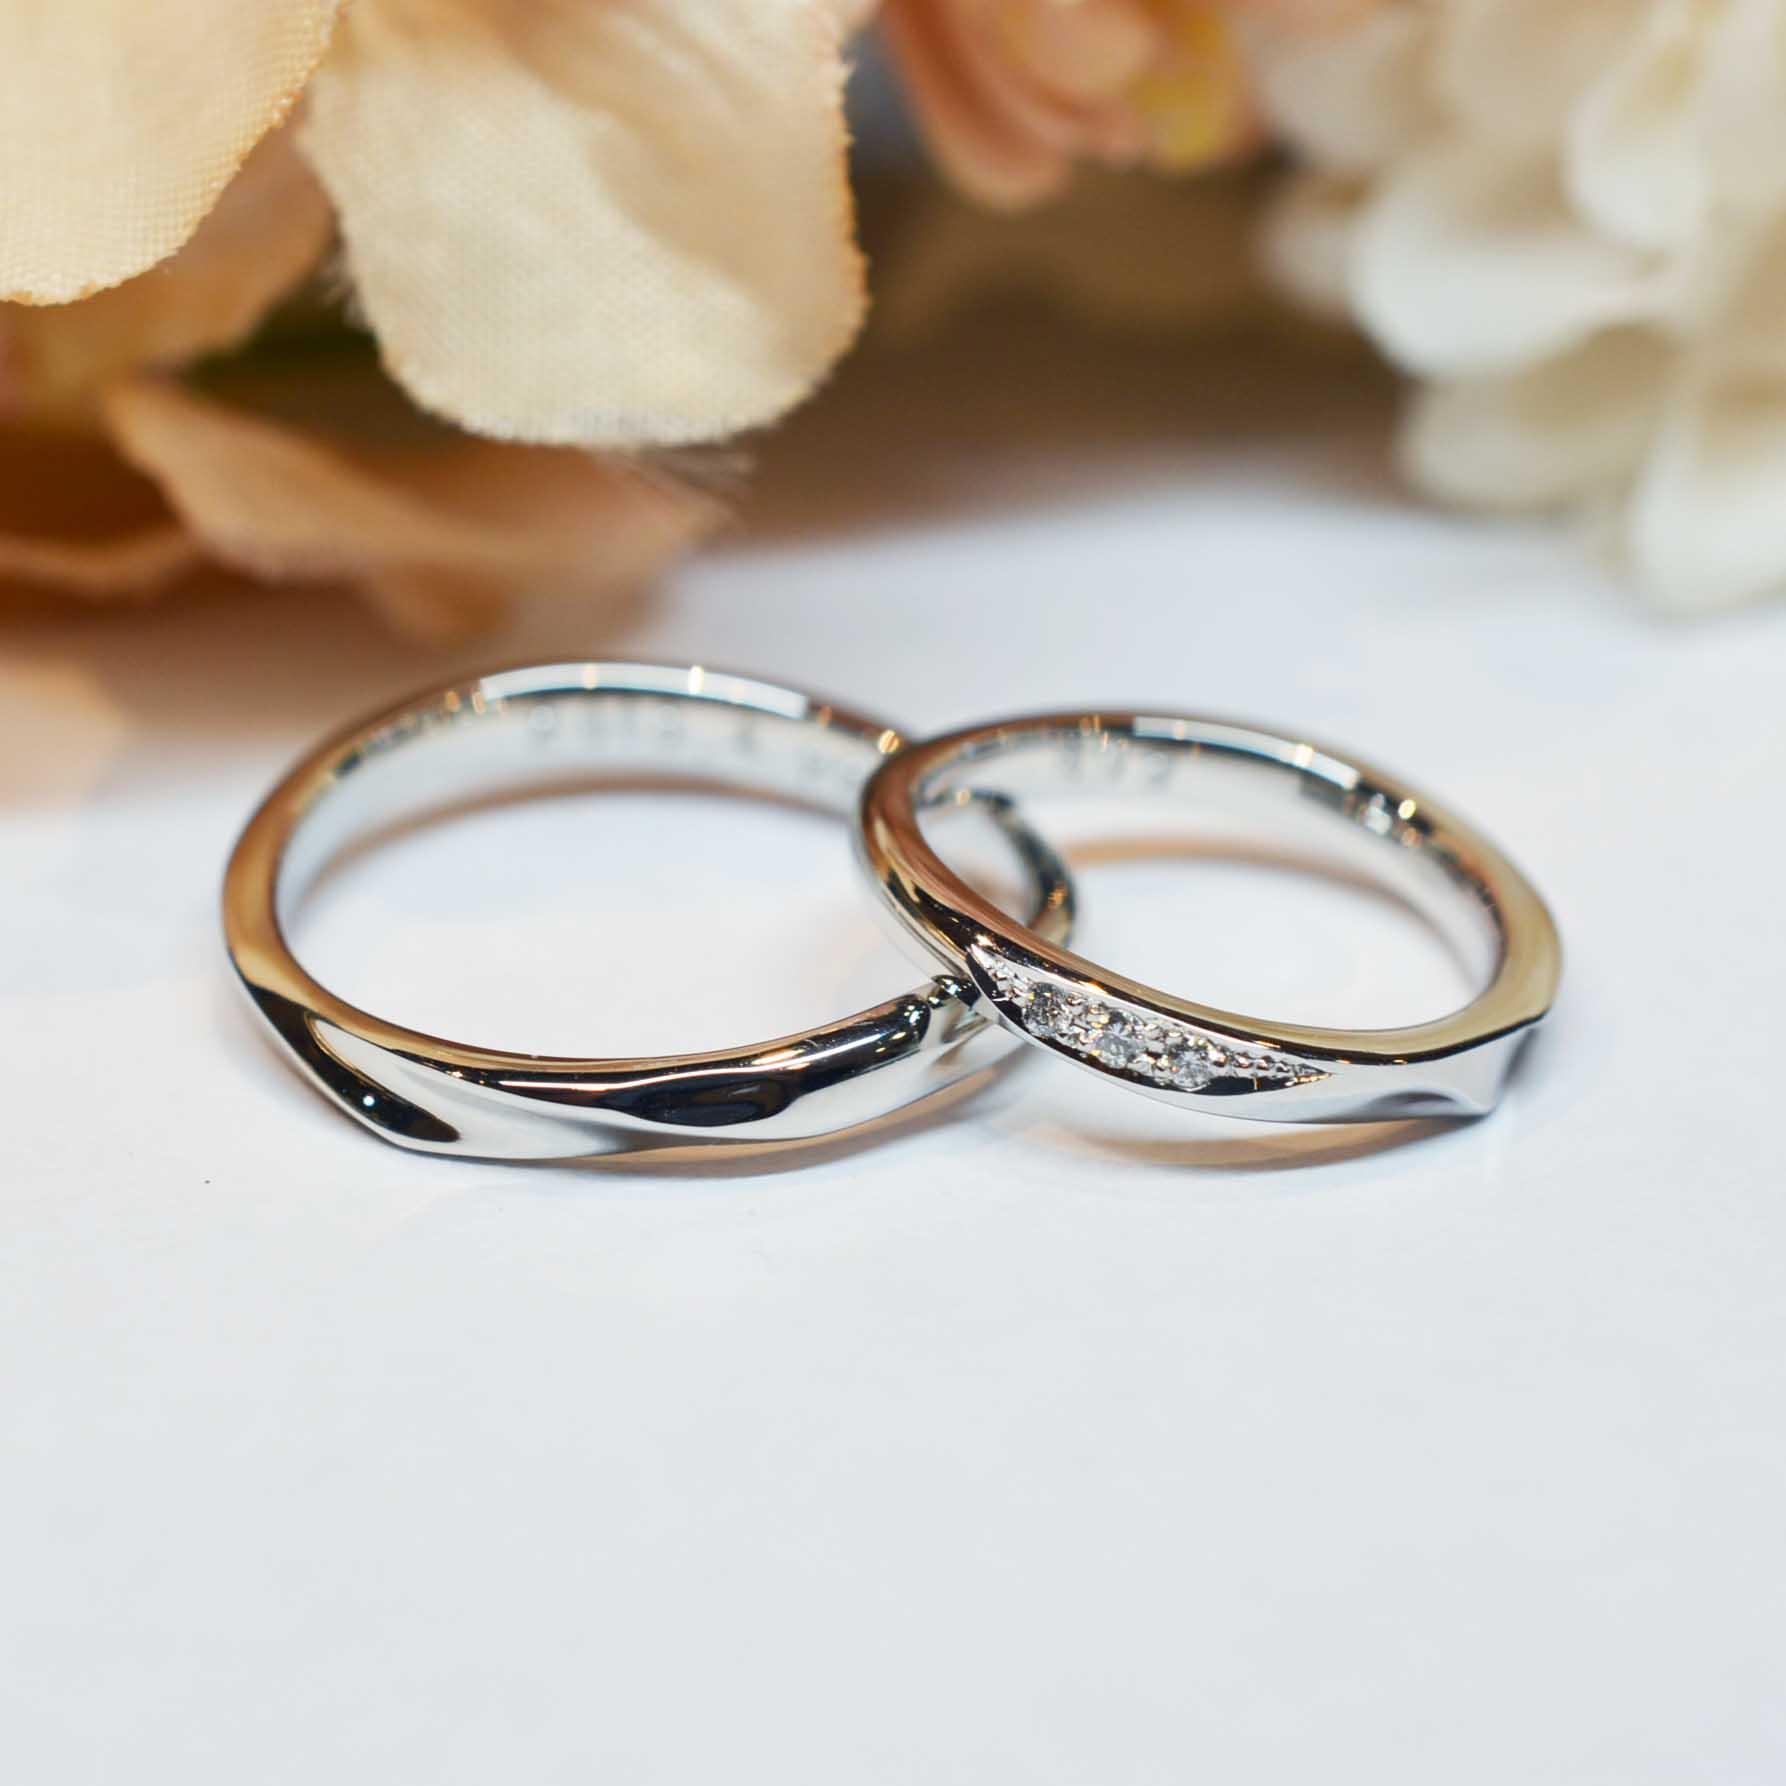 手作り結婚指輪《外苑前店》 菊川様